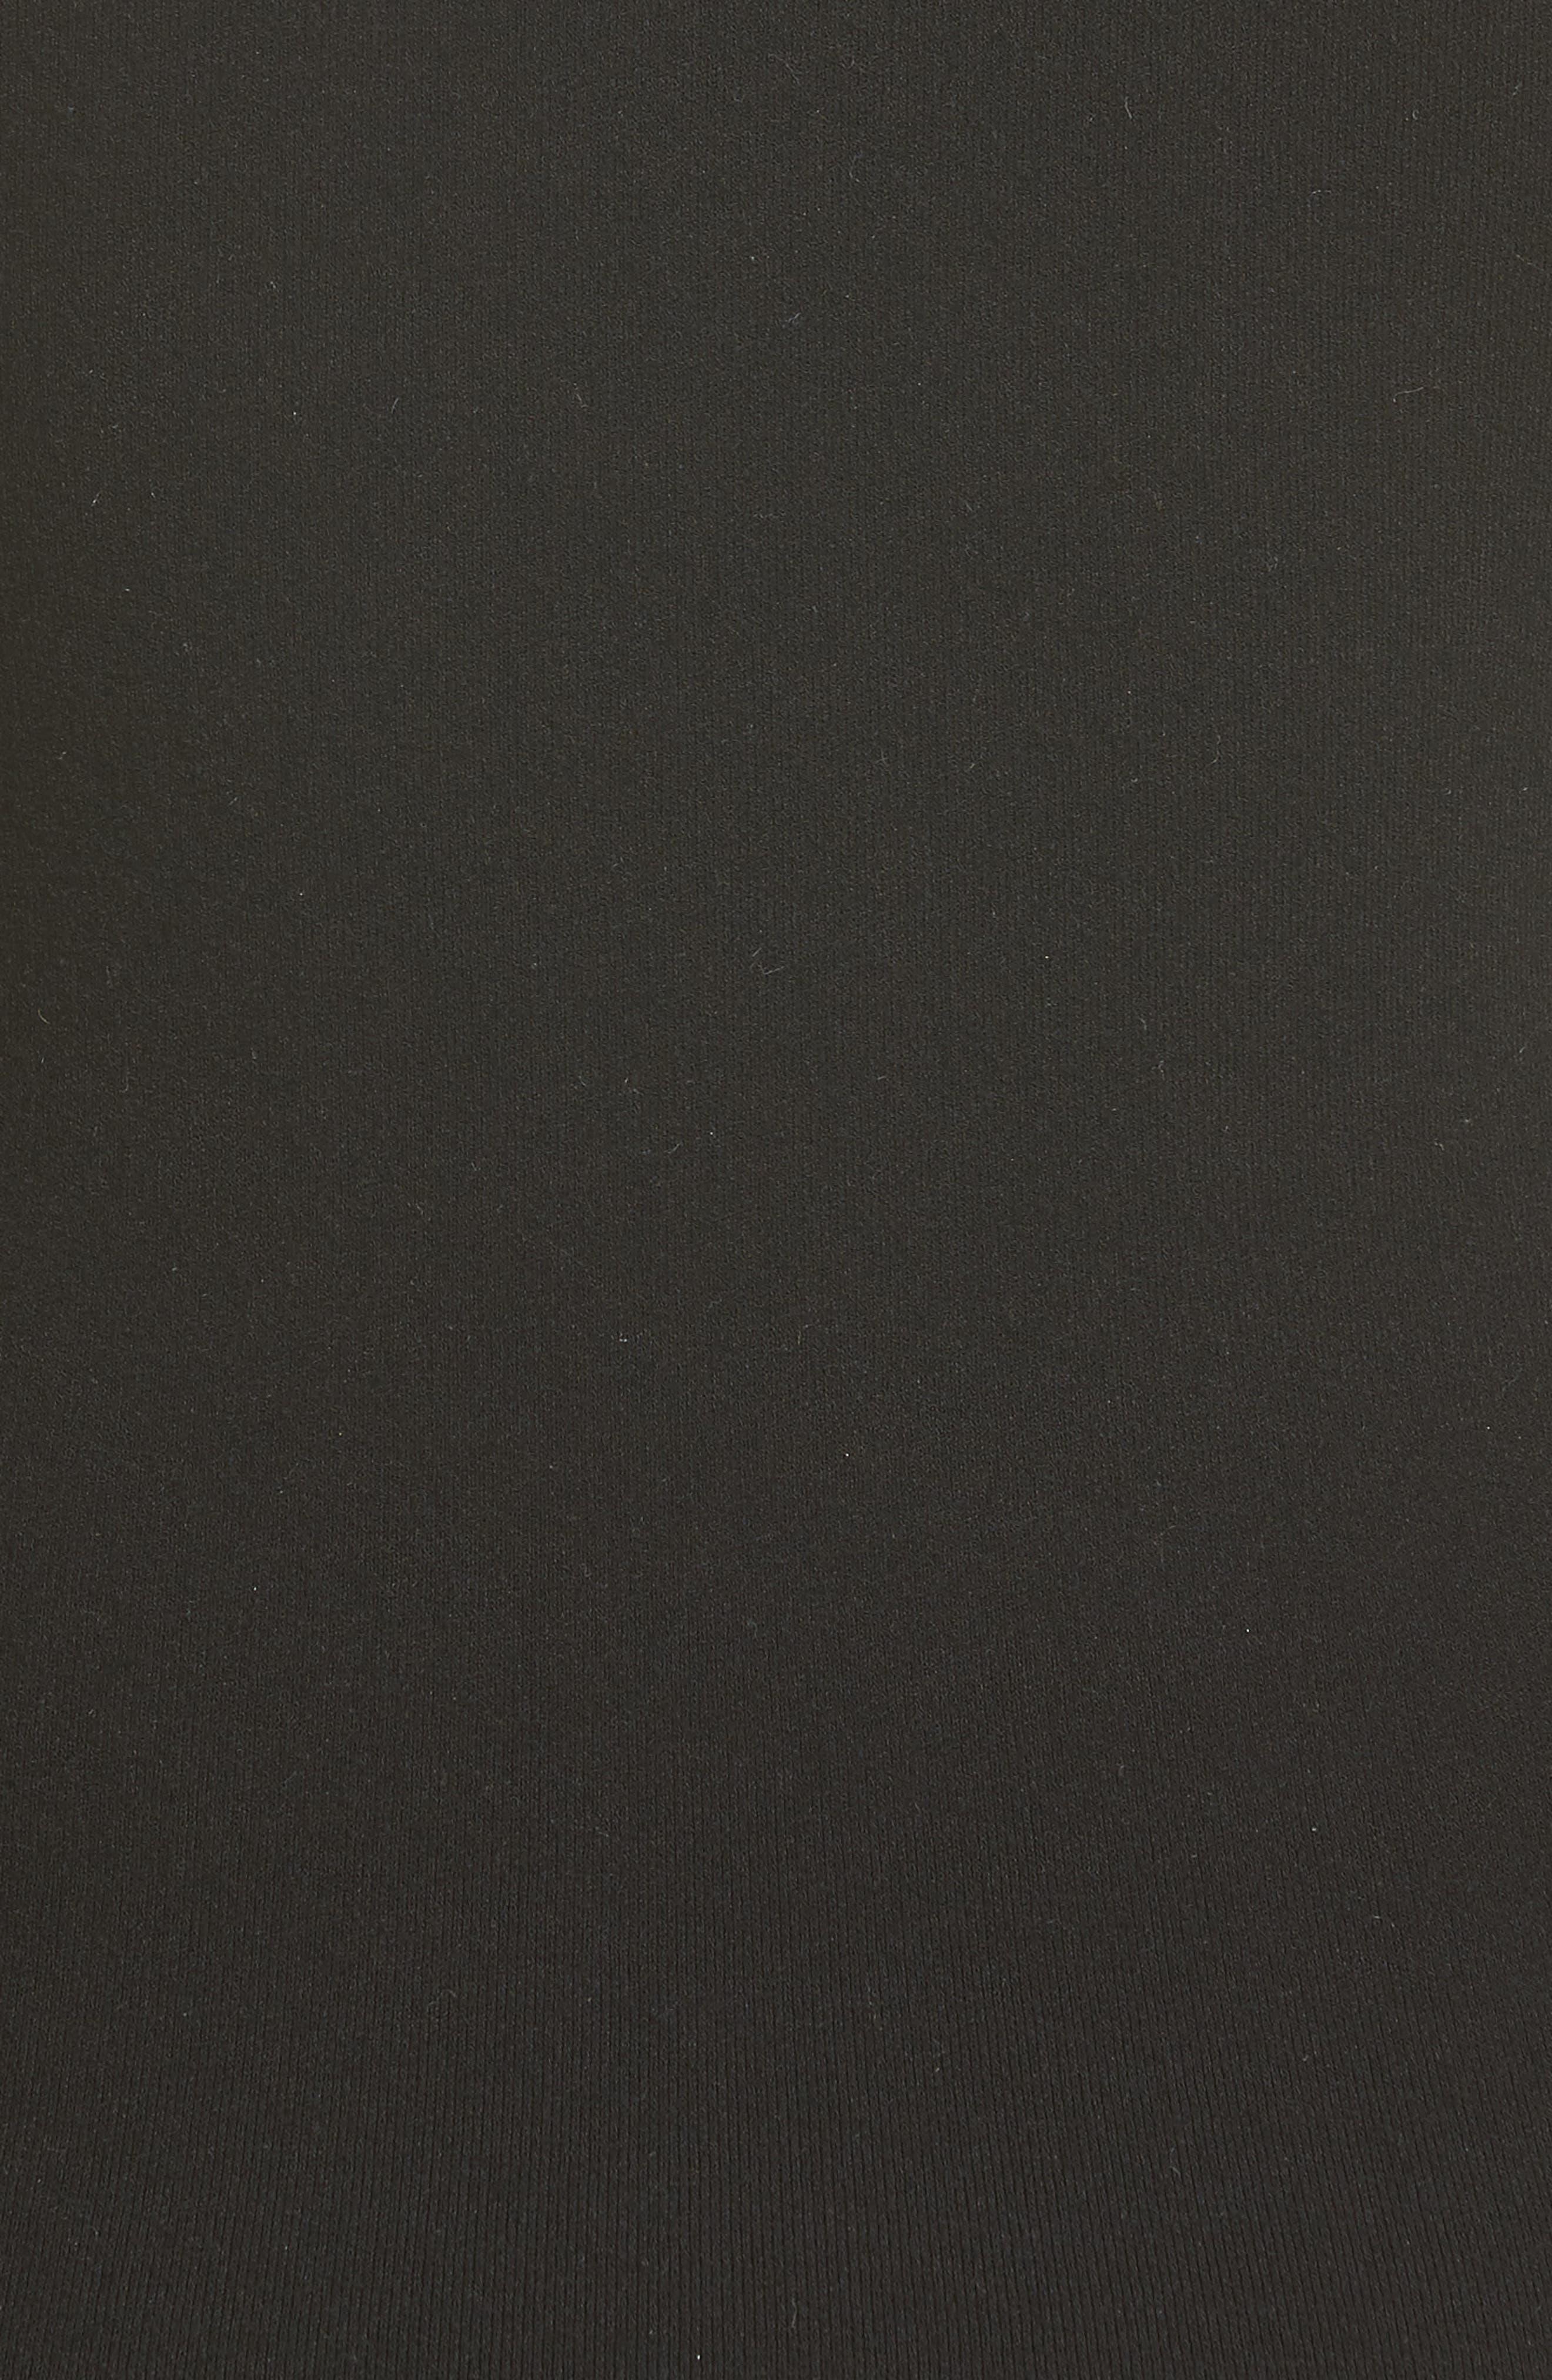 Alternate Image 3  - Michael Kors Cold Shoulder Stretch Knit Top